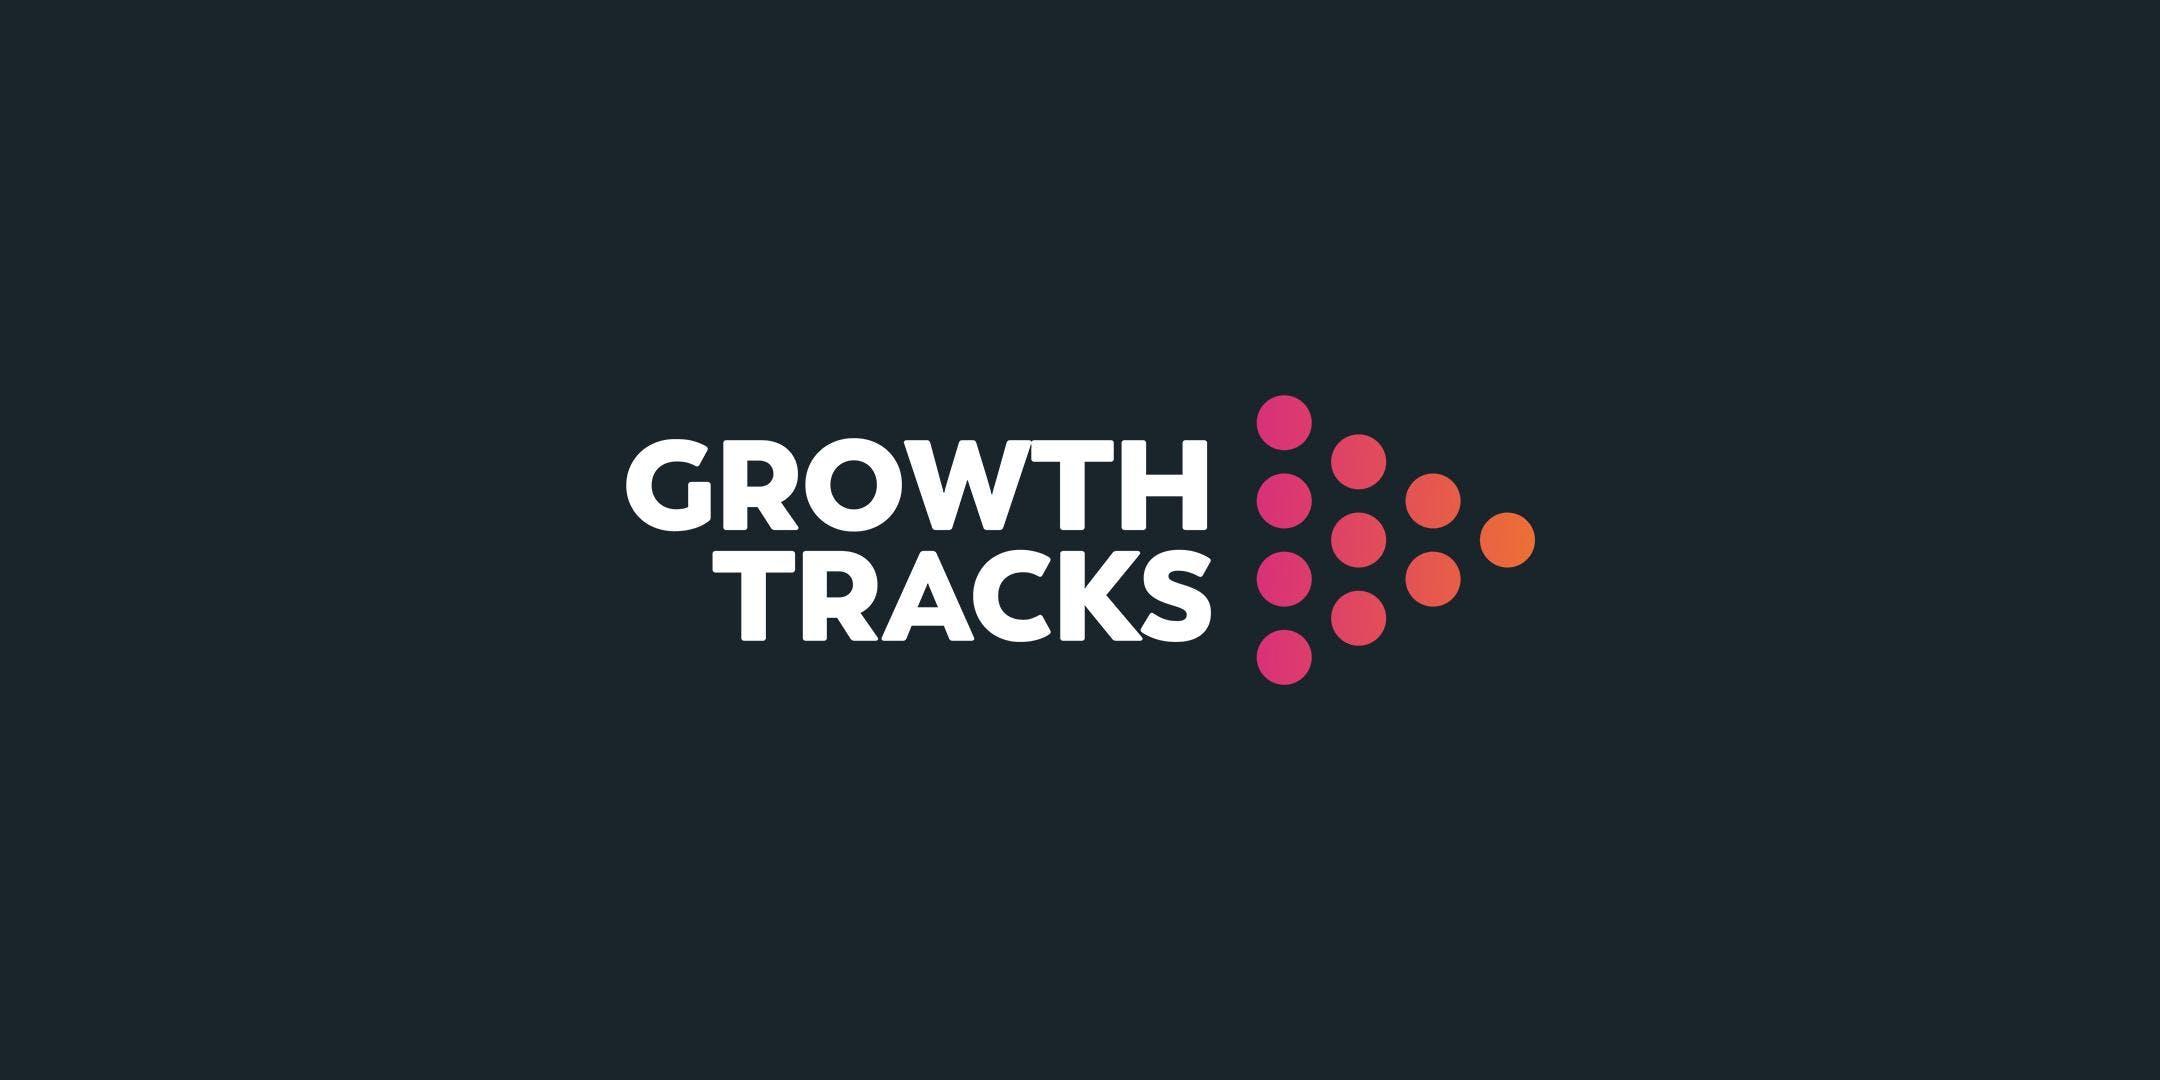 Growth Track - Dartford